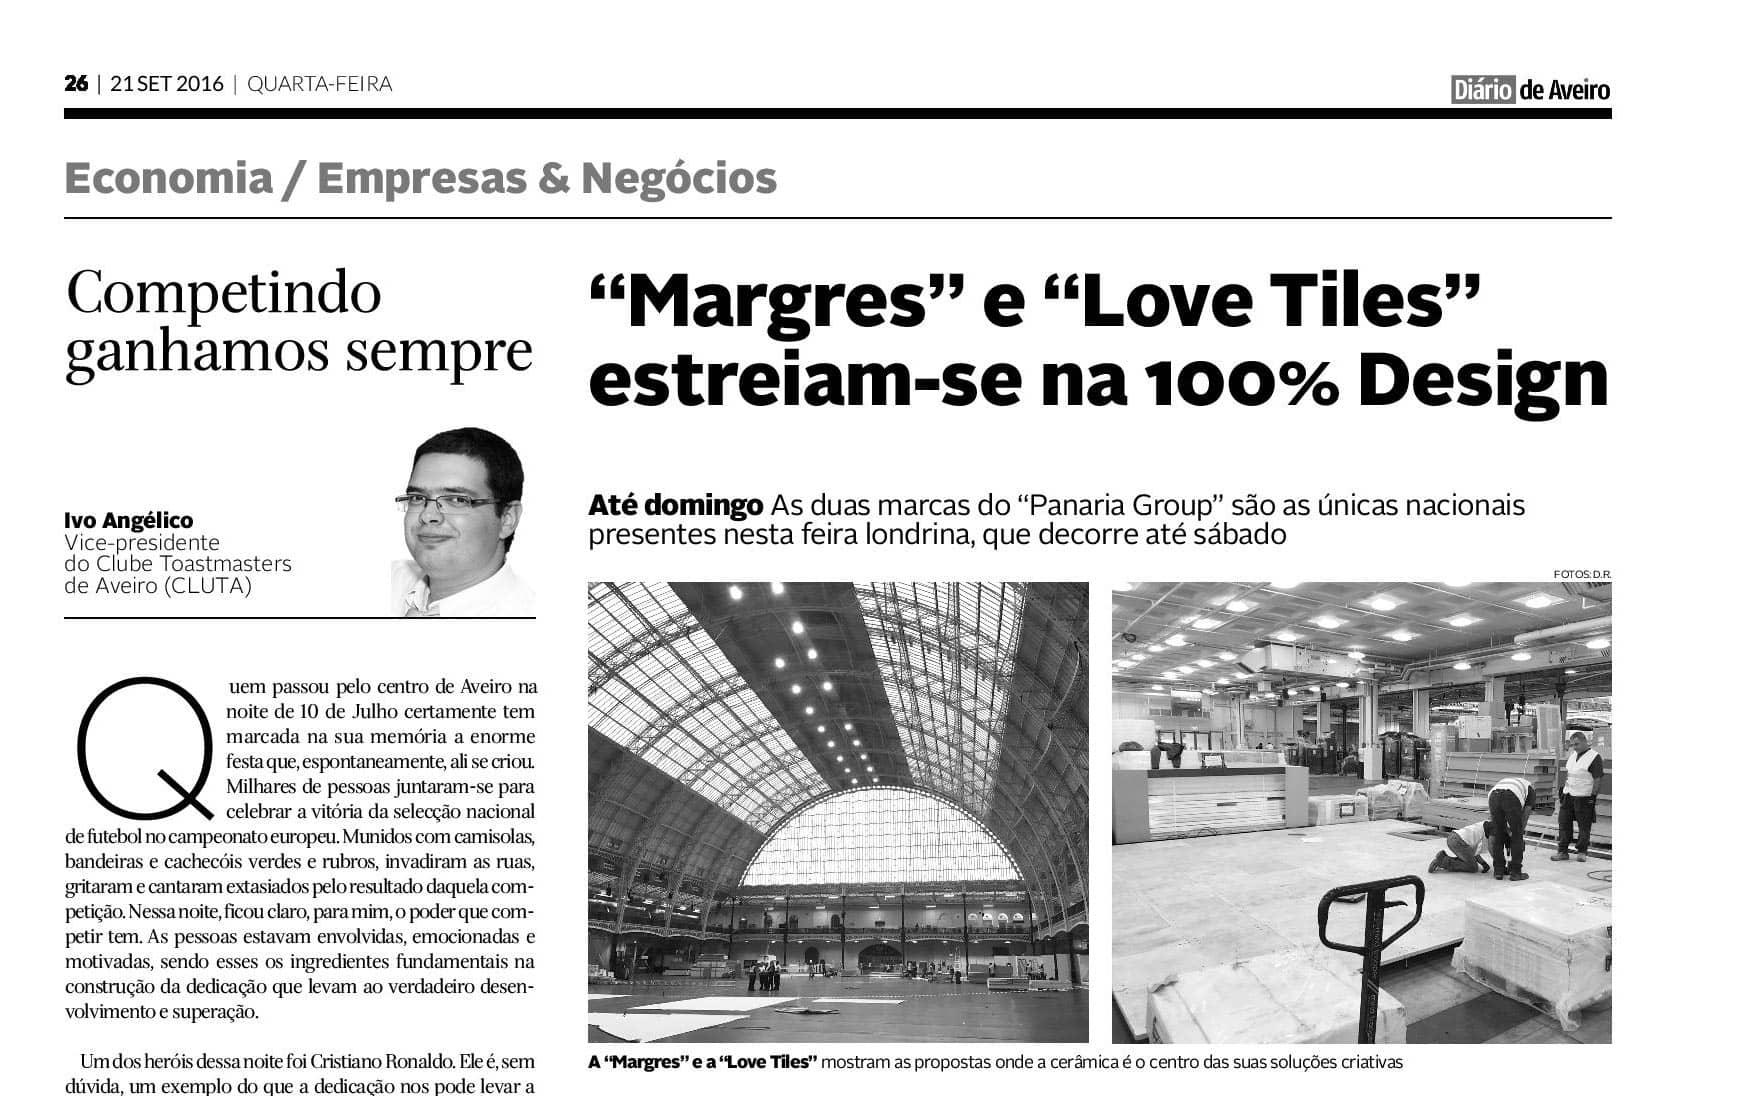 Margres marca presença na 100% Design em Londres